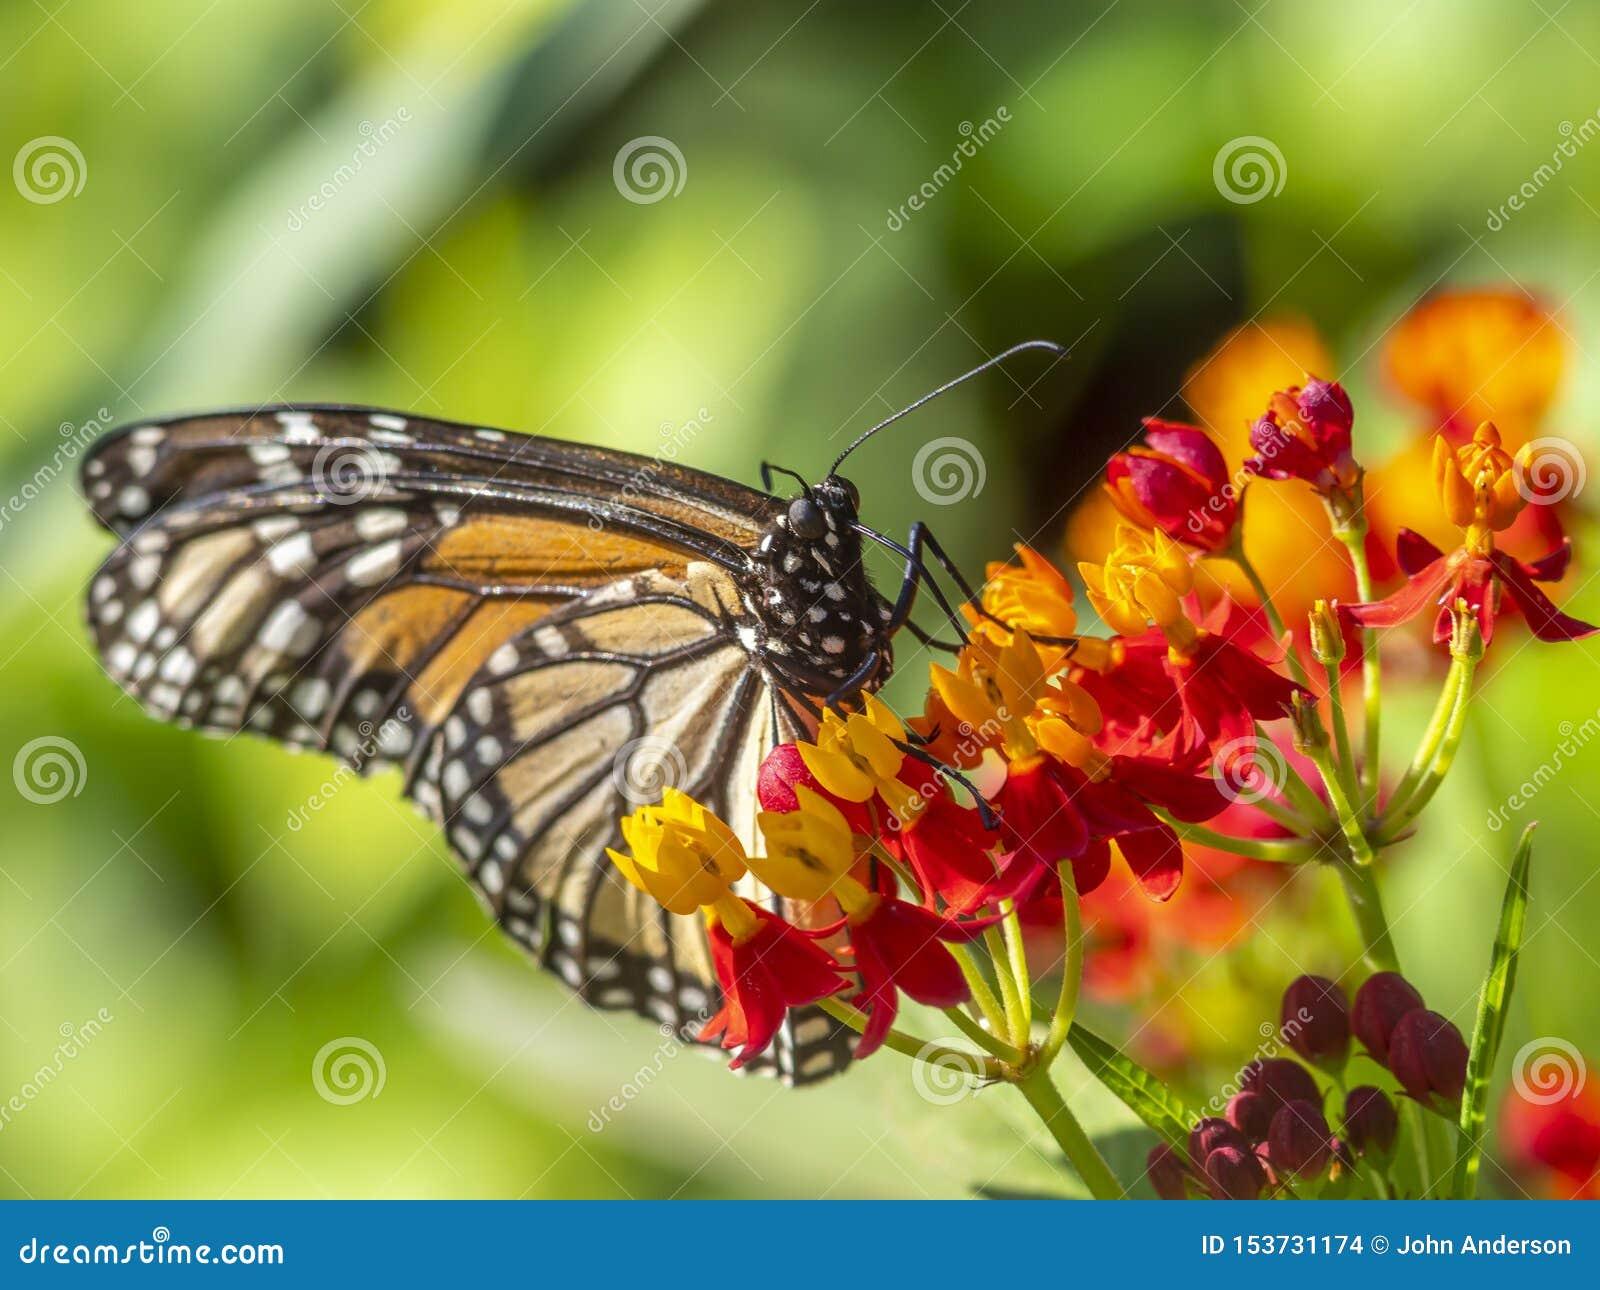 Monarch butterfly,Danaus plexippus